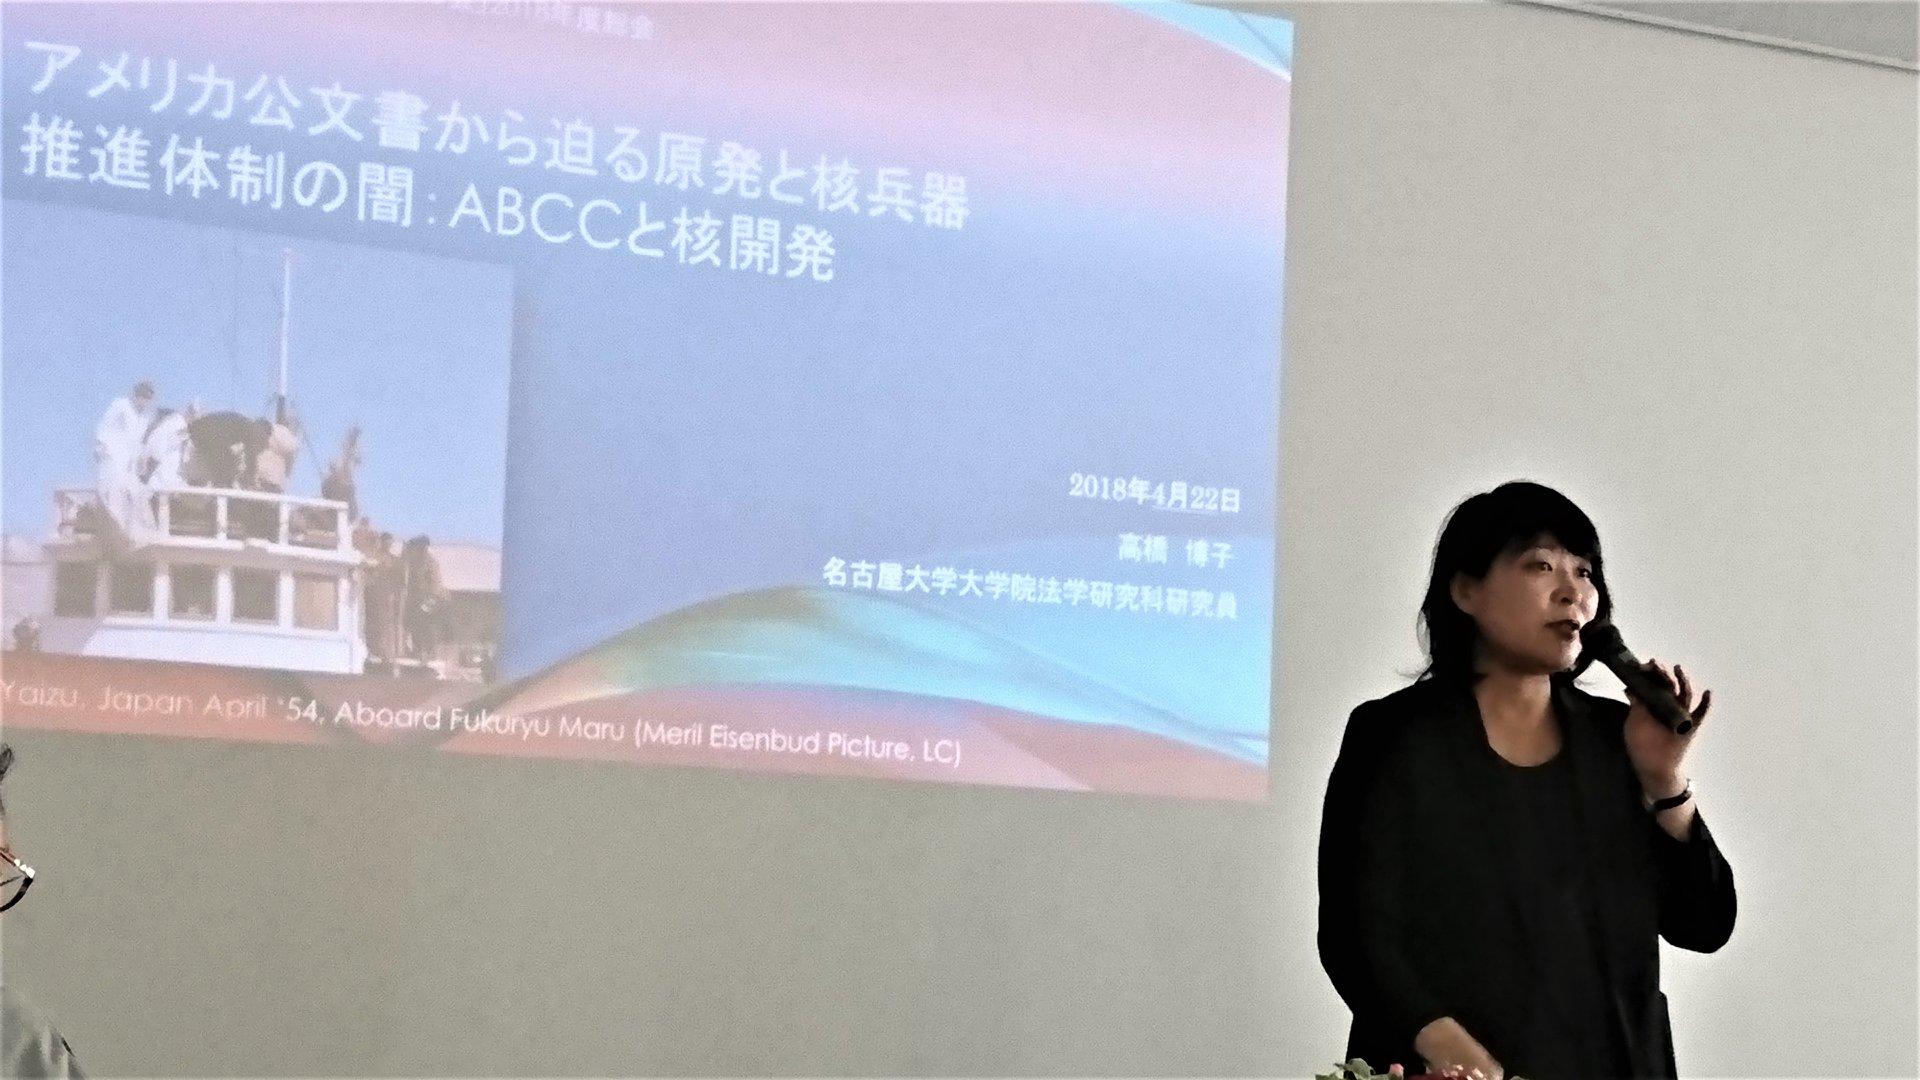 http://www.inoue-satoshi.com/diary/%E9%AB%98%E6%A9%8B%E3%81%B2%E3%82%8D%E5%AD%90.jpg